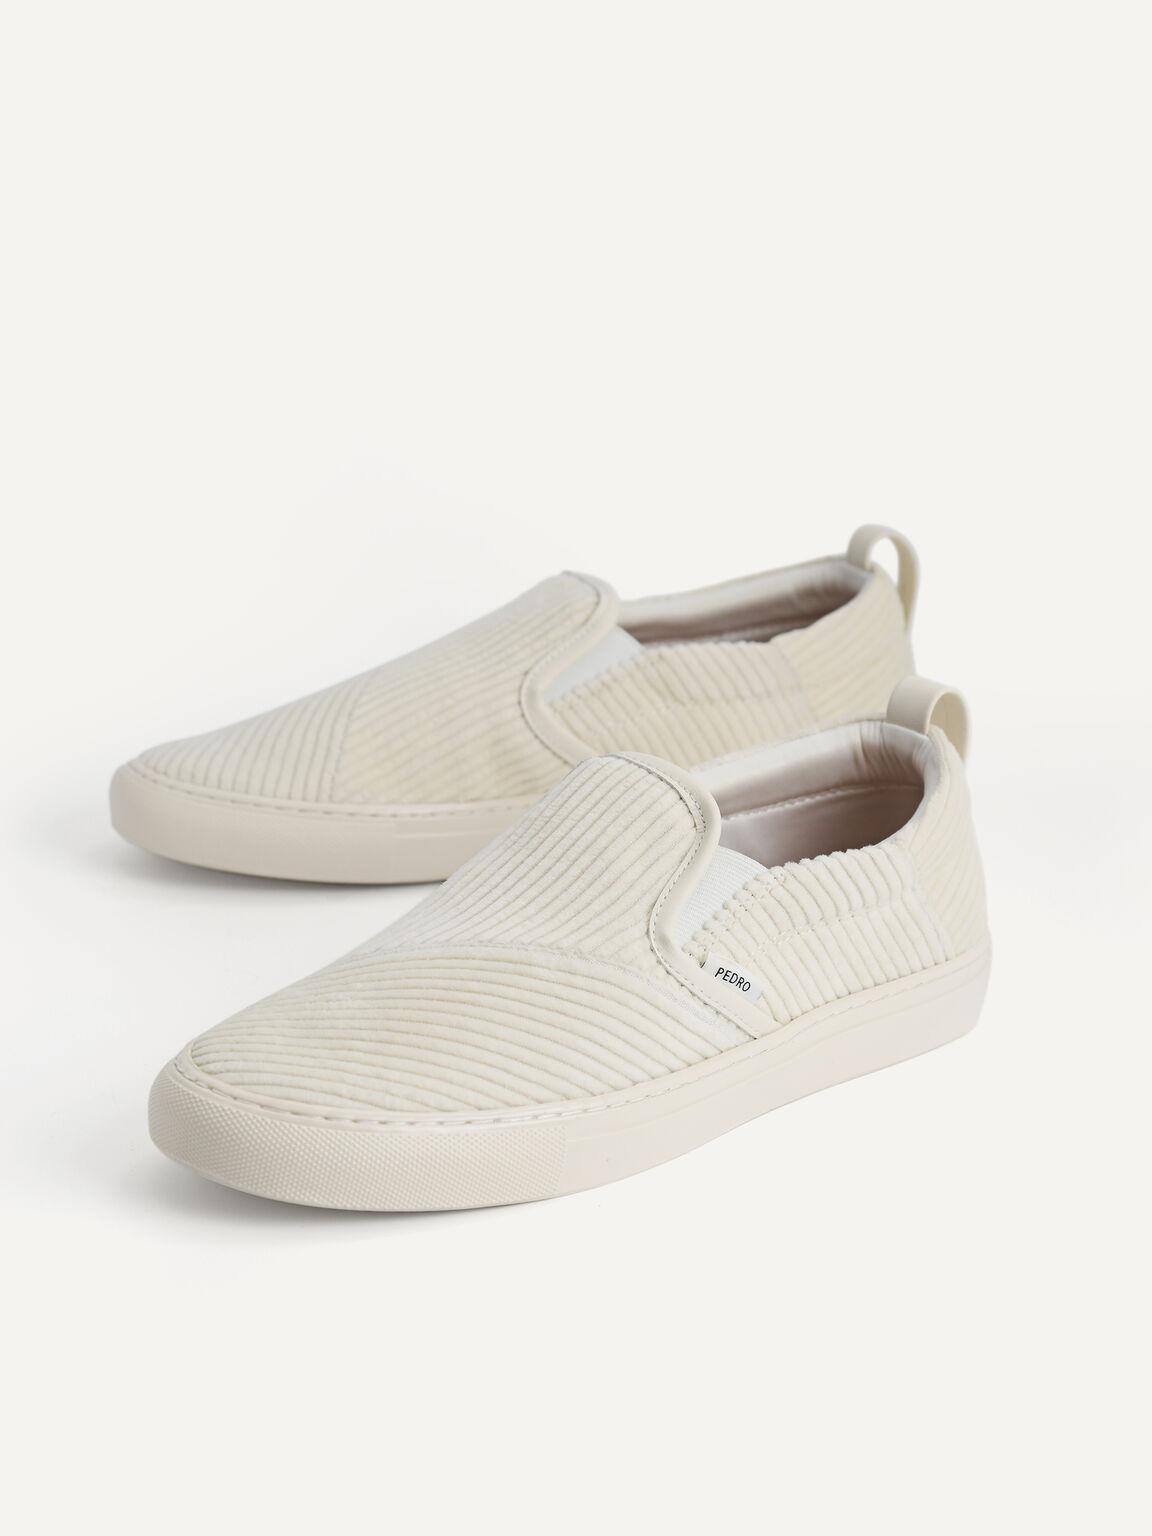 Corduroy Slip-On Sneakers, Beige, hi-res